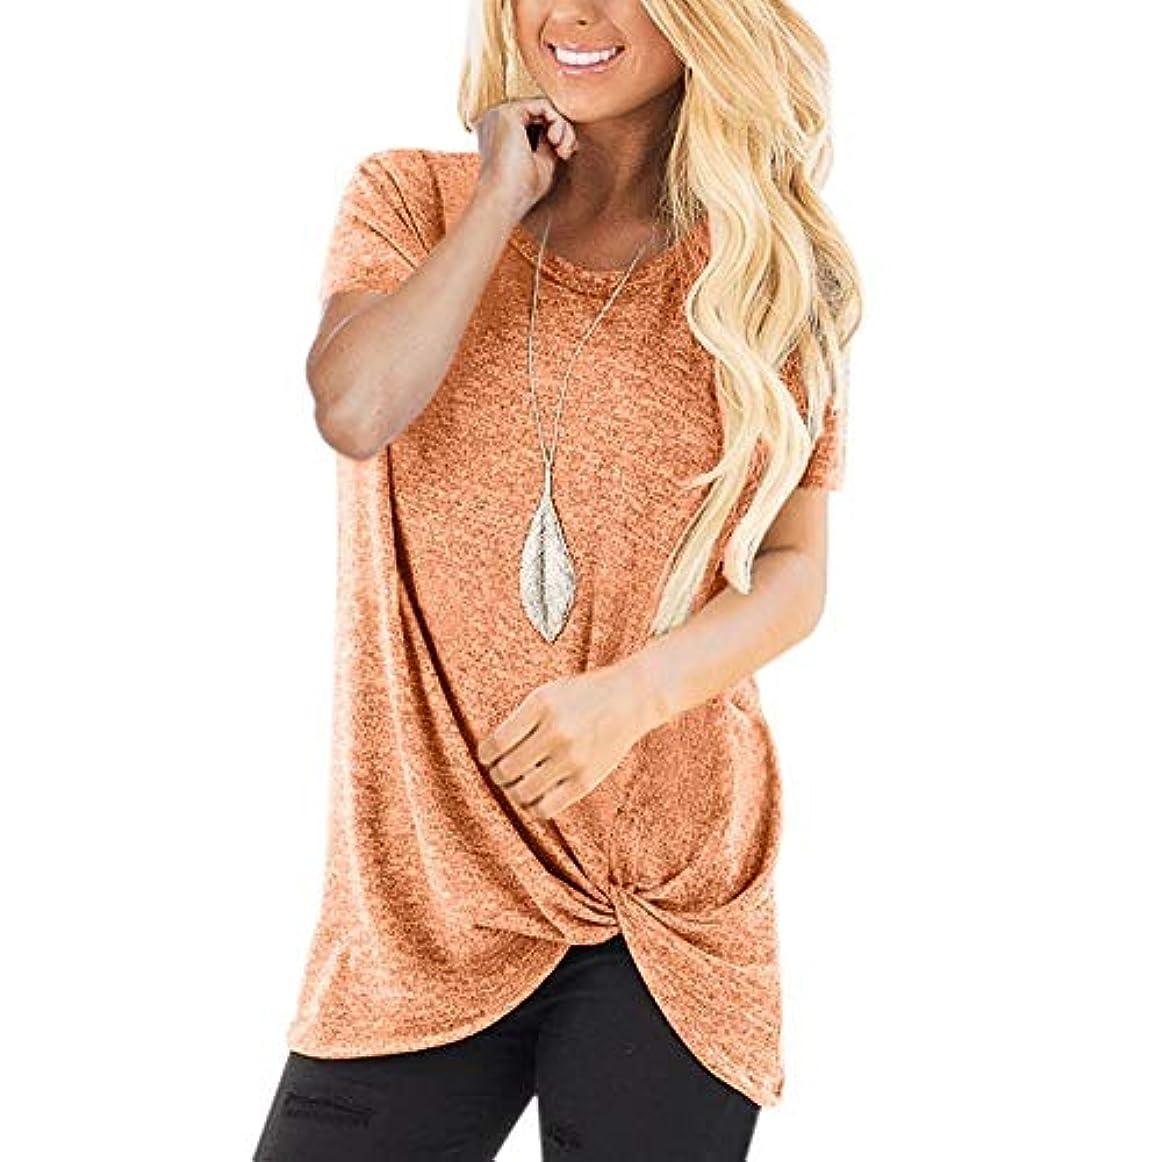 上級一生大脳MIFAN コットンTシャツ、カジュアルTシャツ、レディースブラウス、トップス&Tシャツ、プラスサイズ、ルーズtシャツ